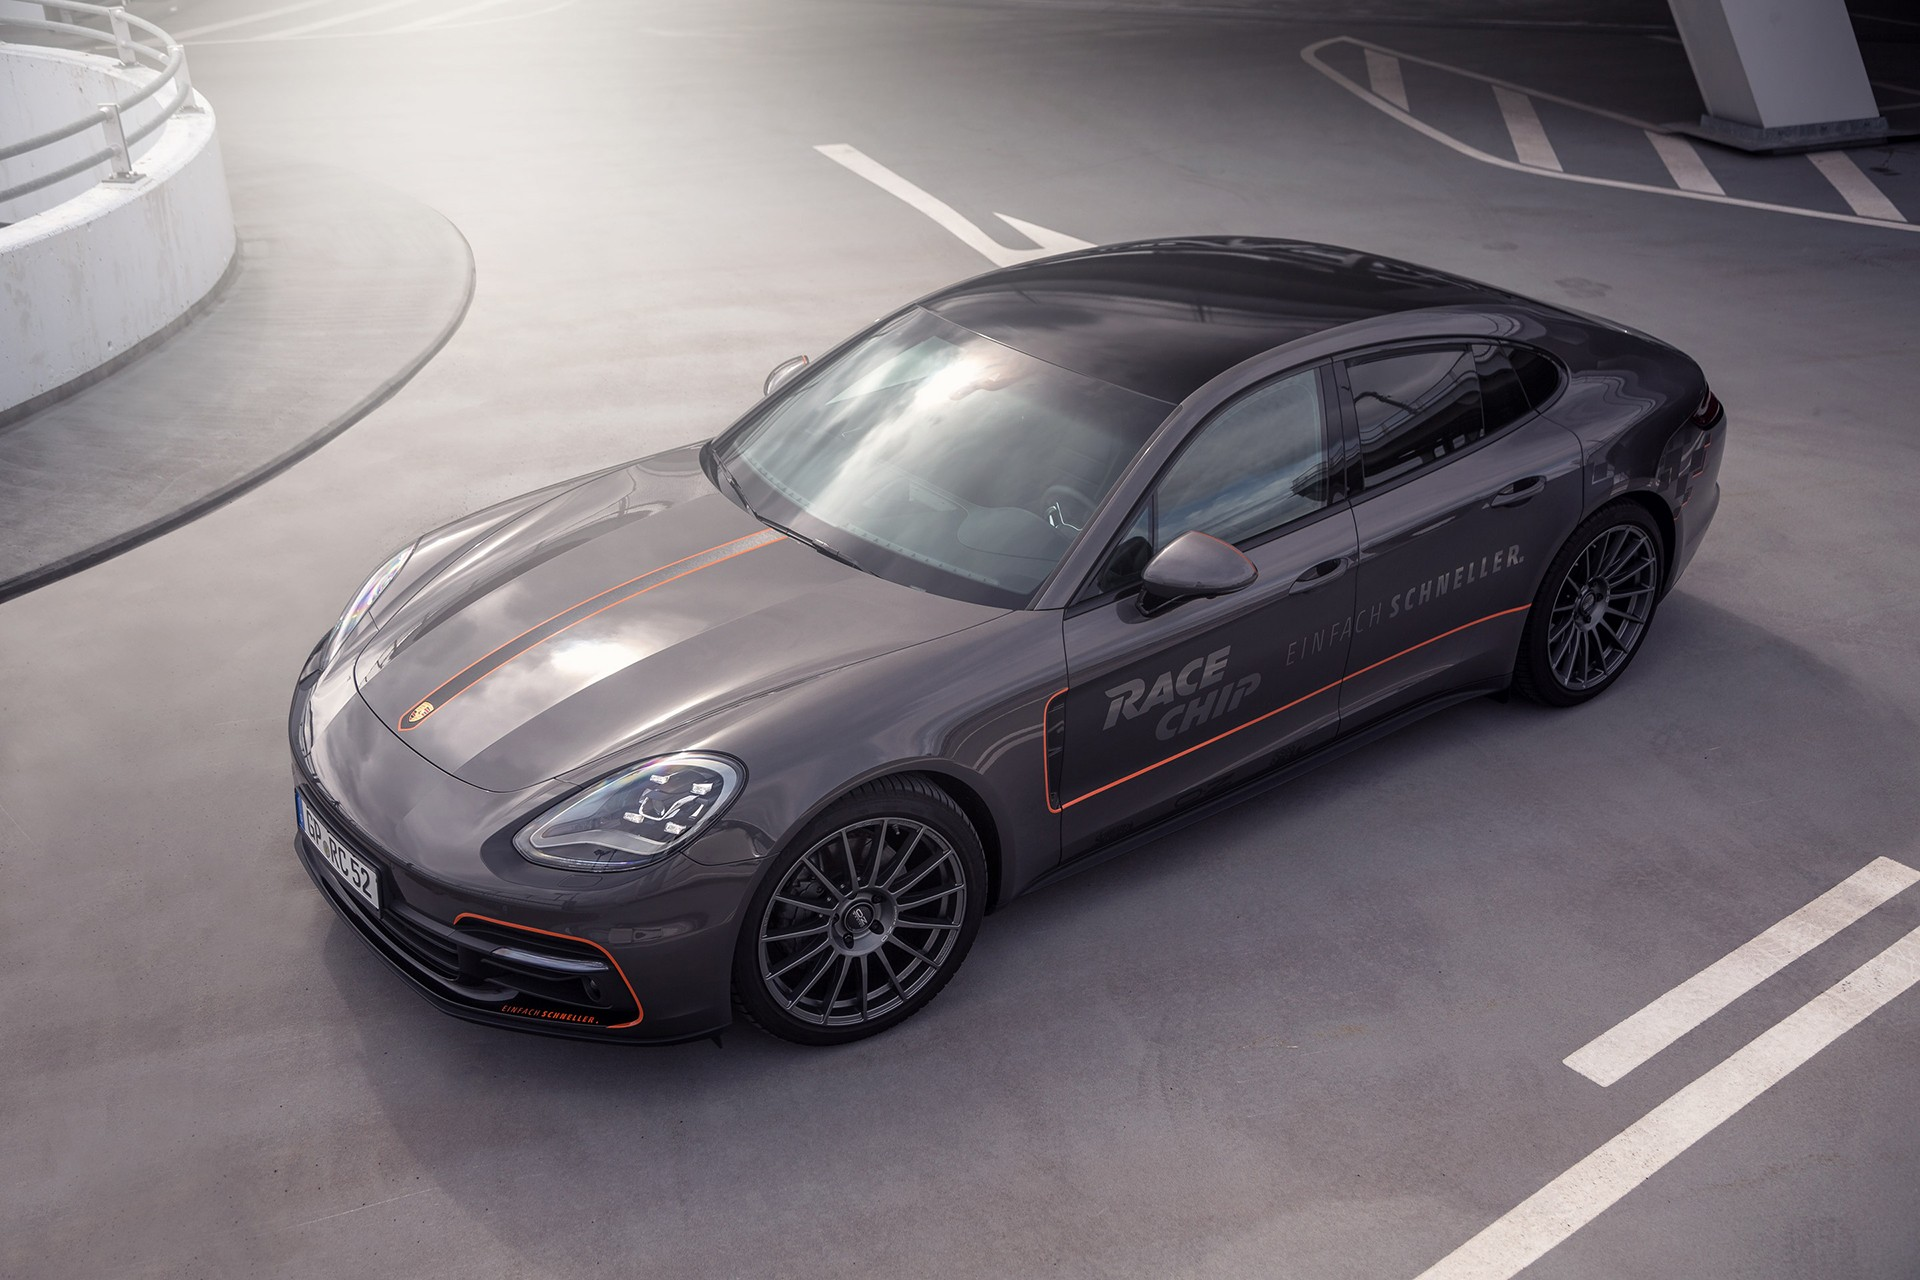 Porsche Panamera 4S Diesel by RaceChip (8)